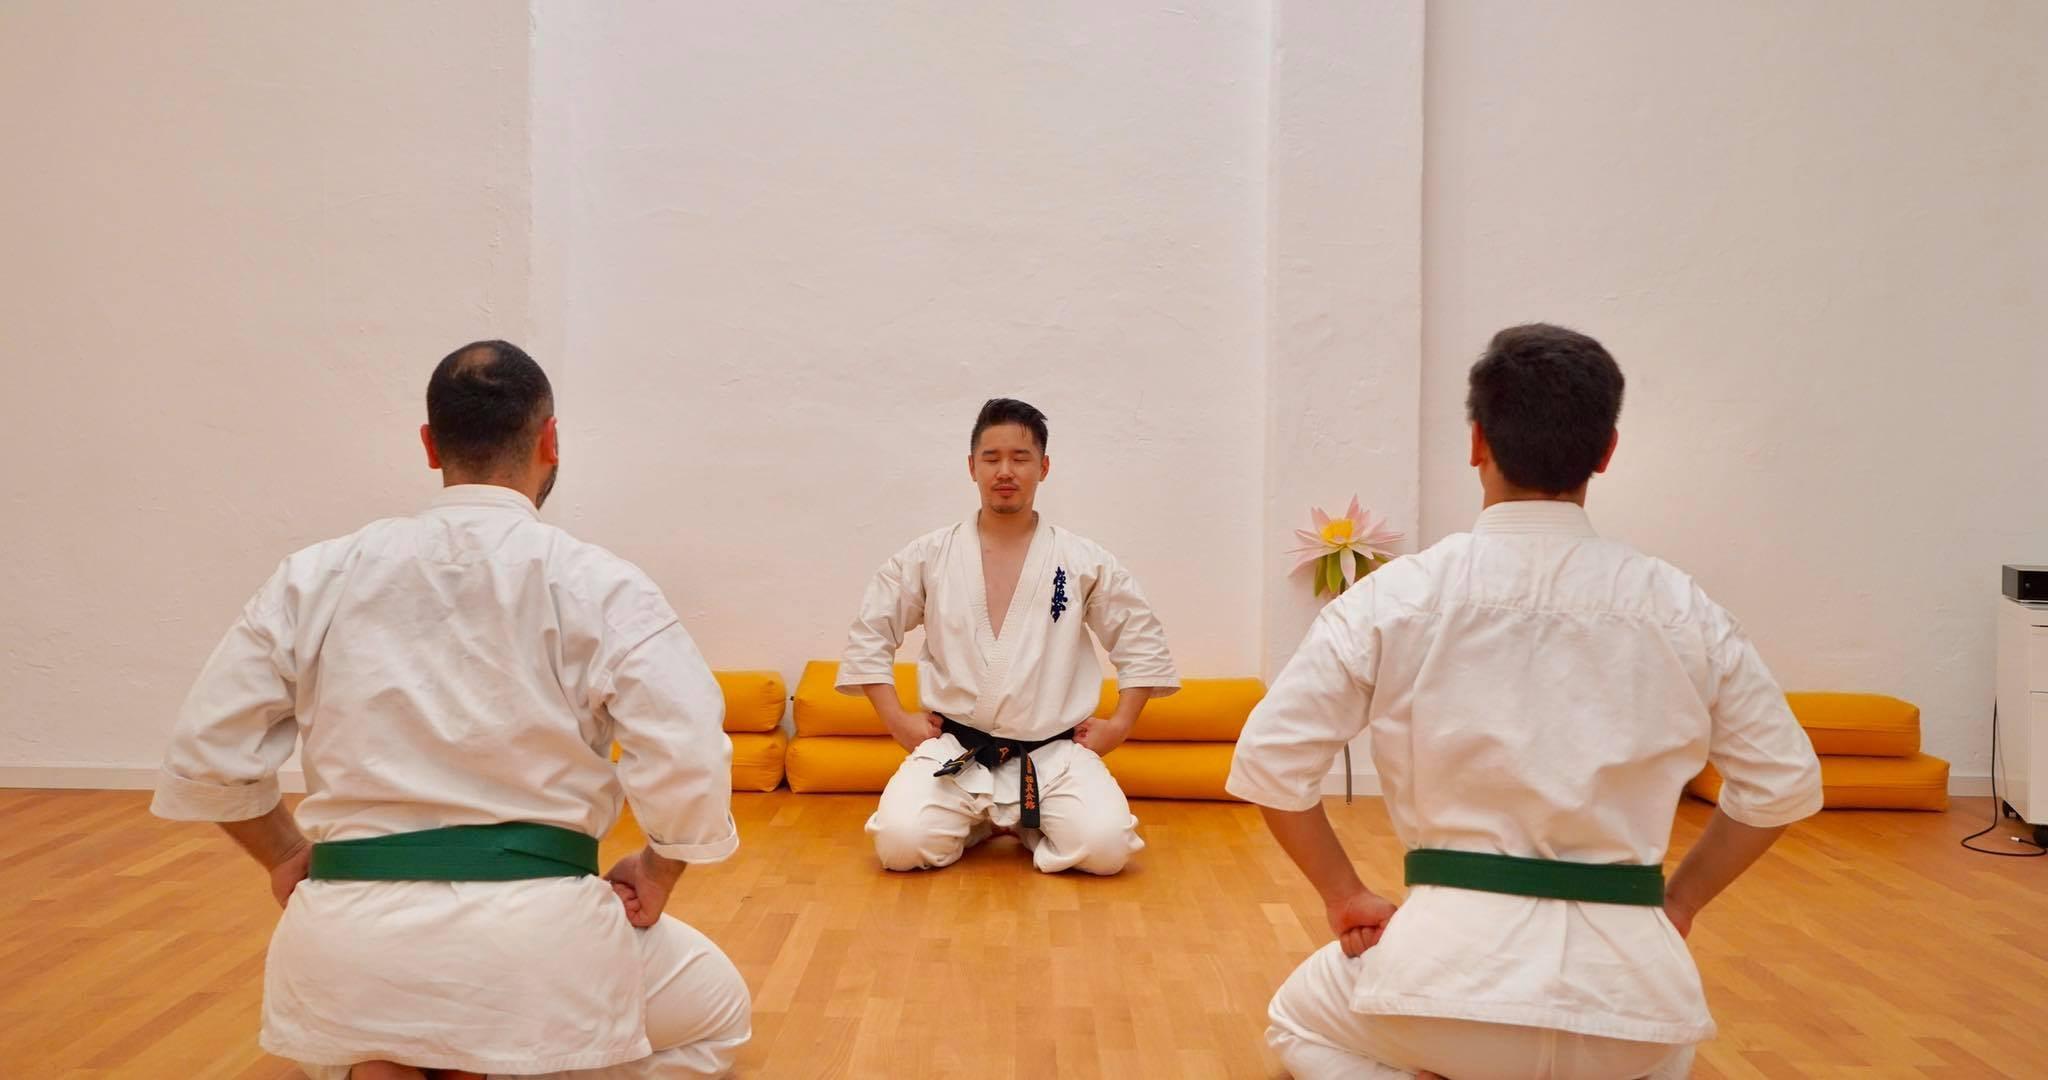 Karate aus Leidenschaft - Anh Son Le - Kampfsport- und Kampfkunstlehrer in Berlin